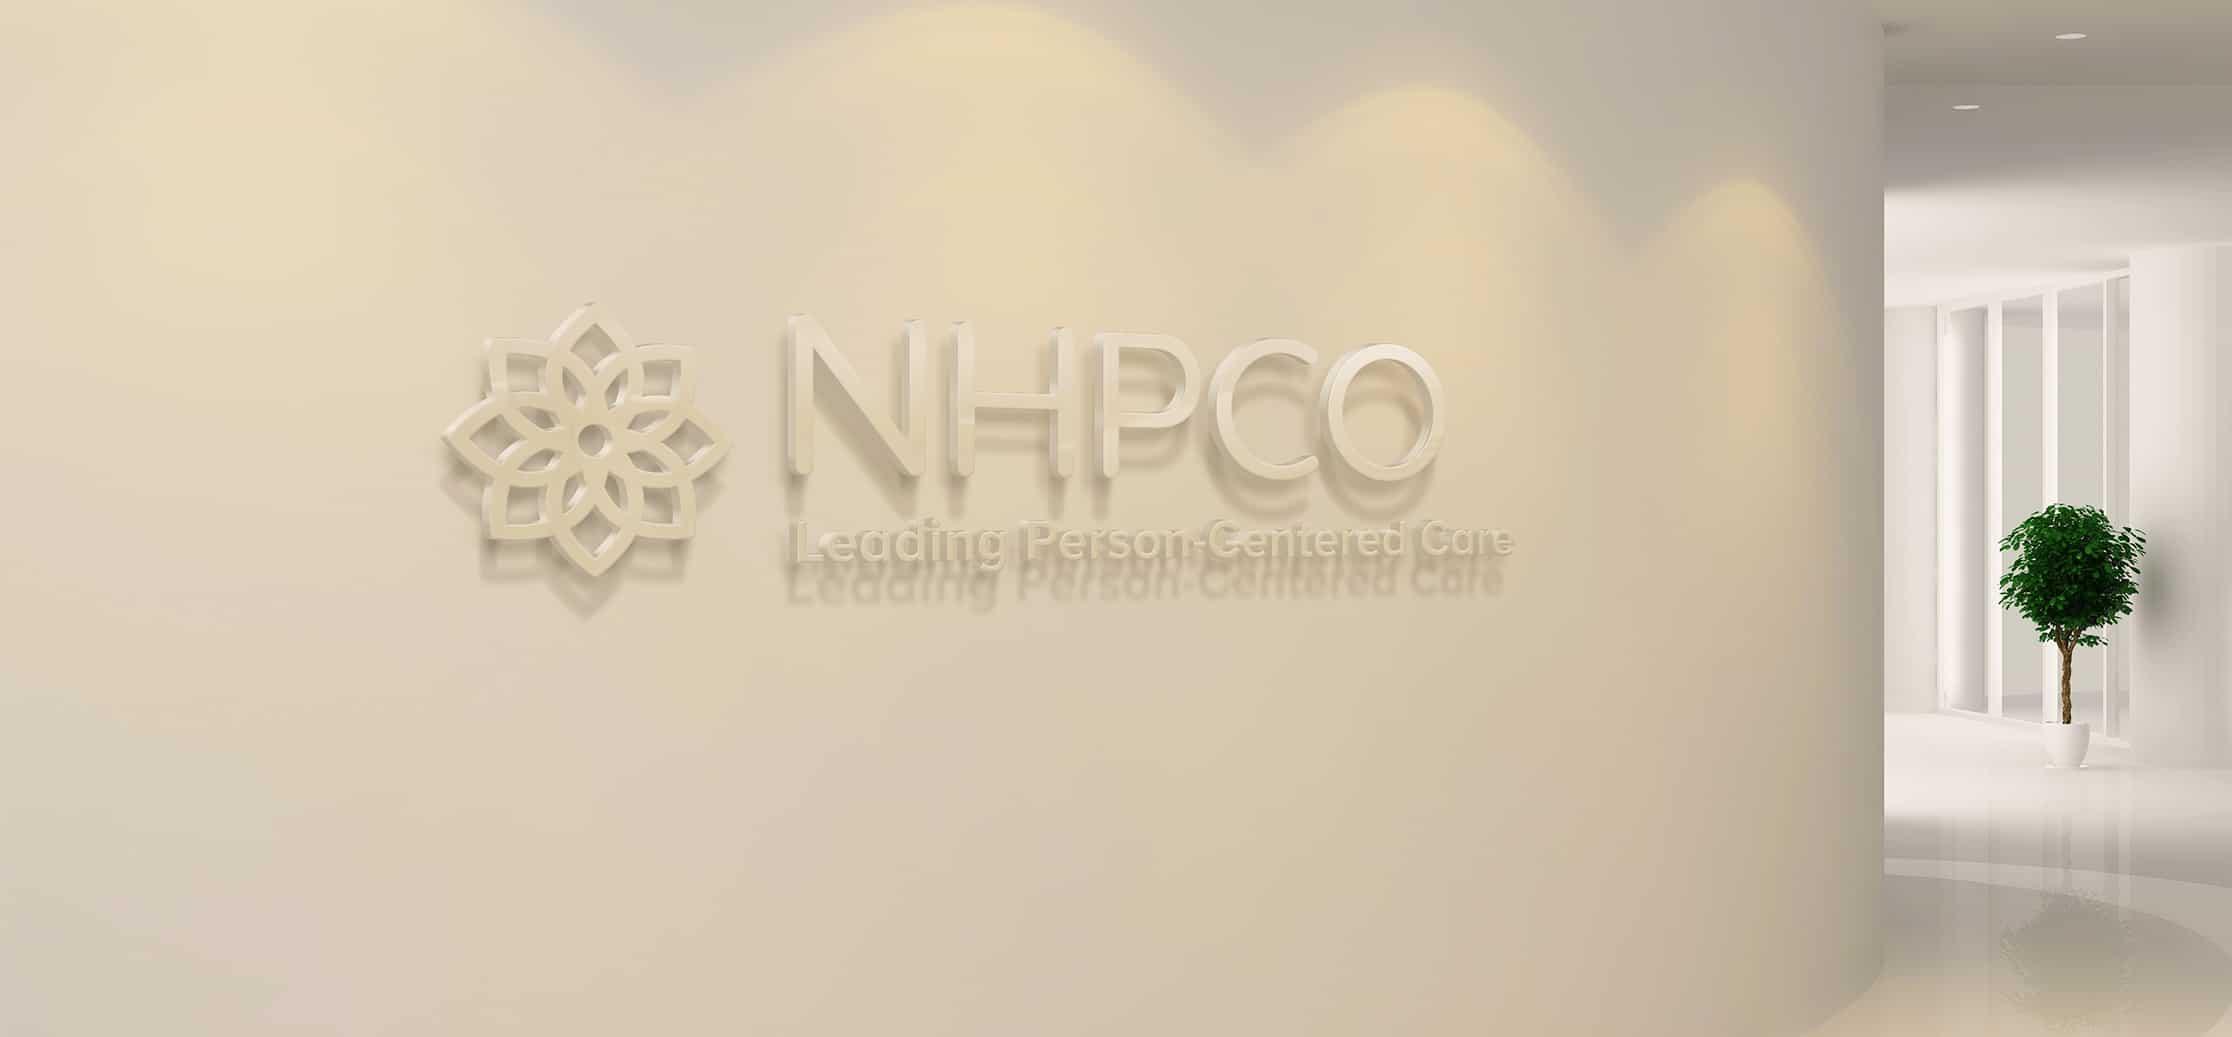 NHPCO | Mekanic